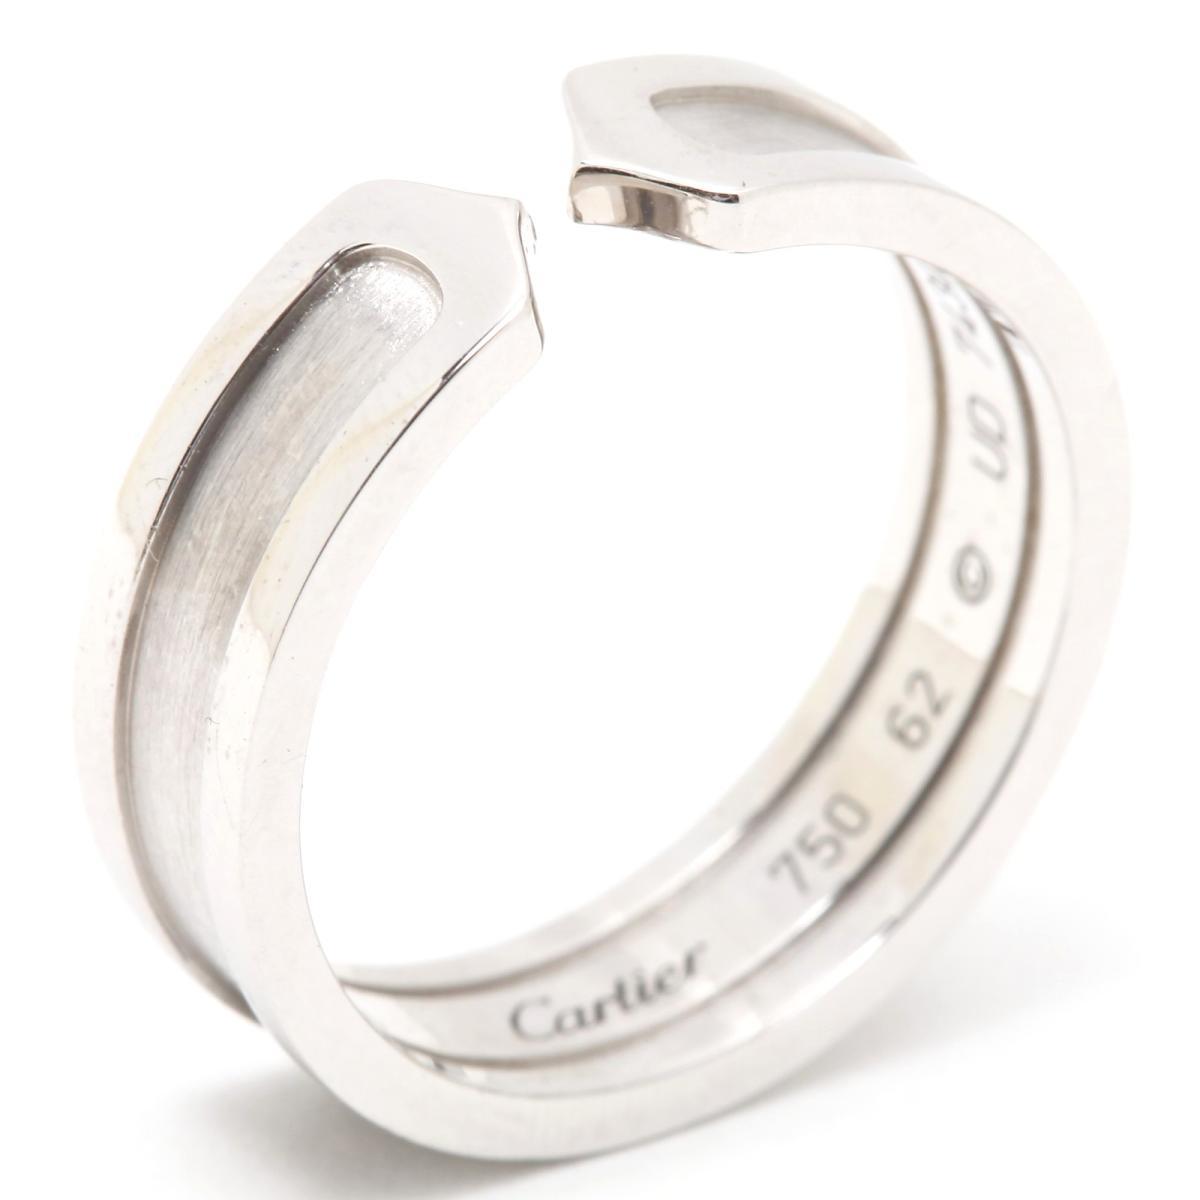 【中古】 カルティエ C2 リング 指輪 レディース K18WG (750) ホワイトゴールド | Cartier BRANDOFF ブランドオフ ブランド ジュエリー アクセサリー